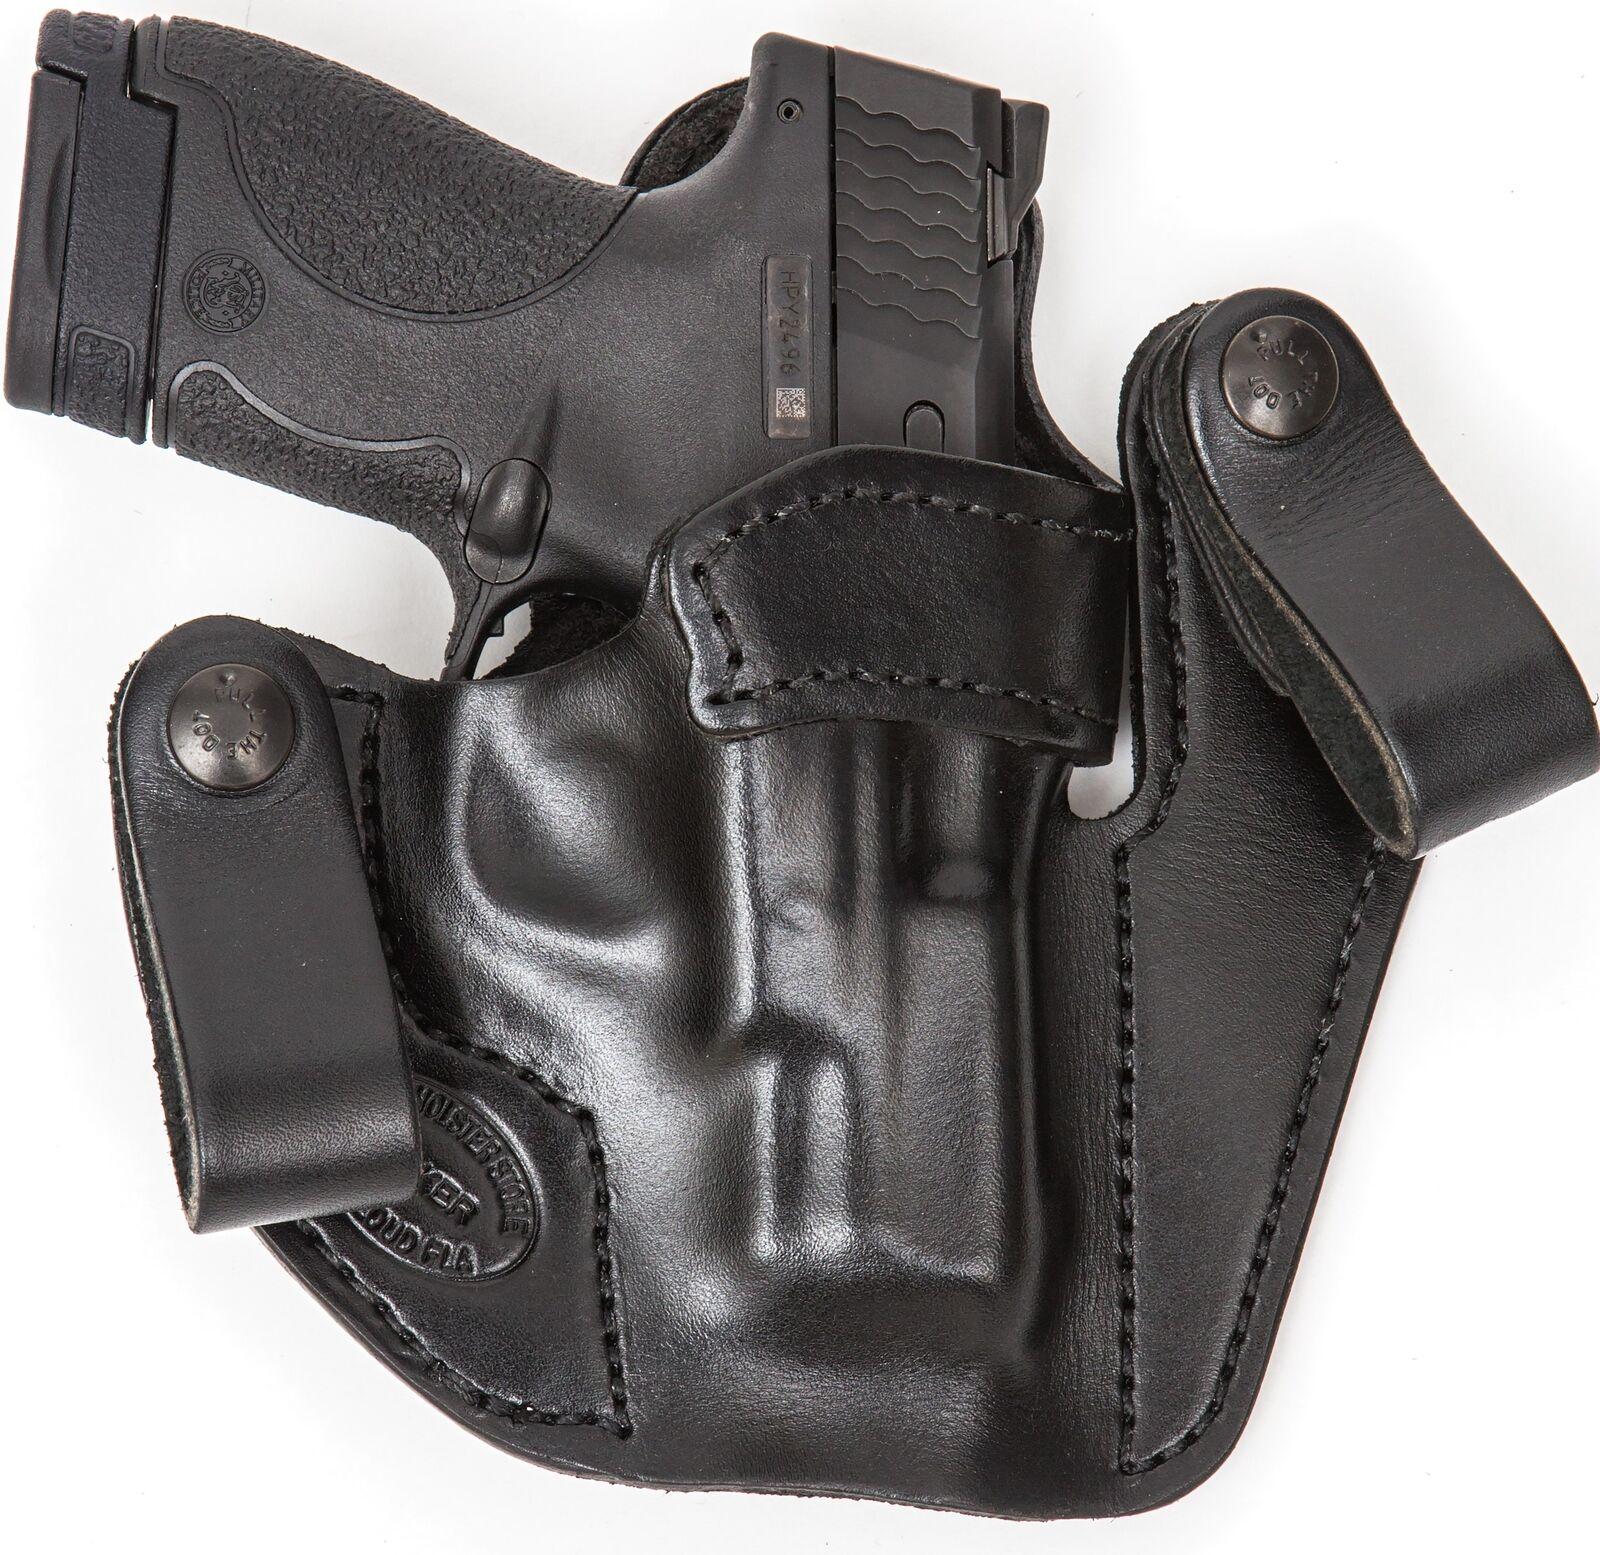 XTREME llevar RH LH dentro de la cintura de cuero Funda Pistola para Walther PPK PPKS